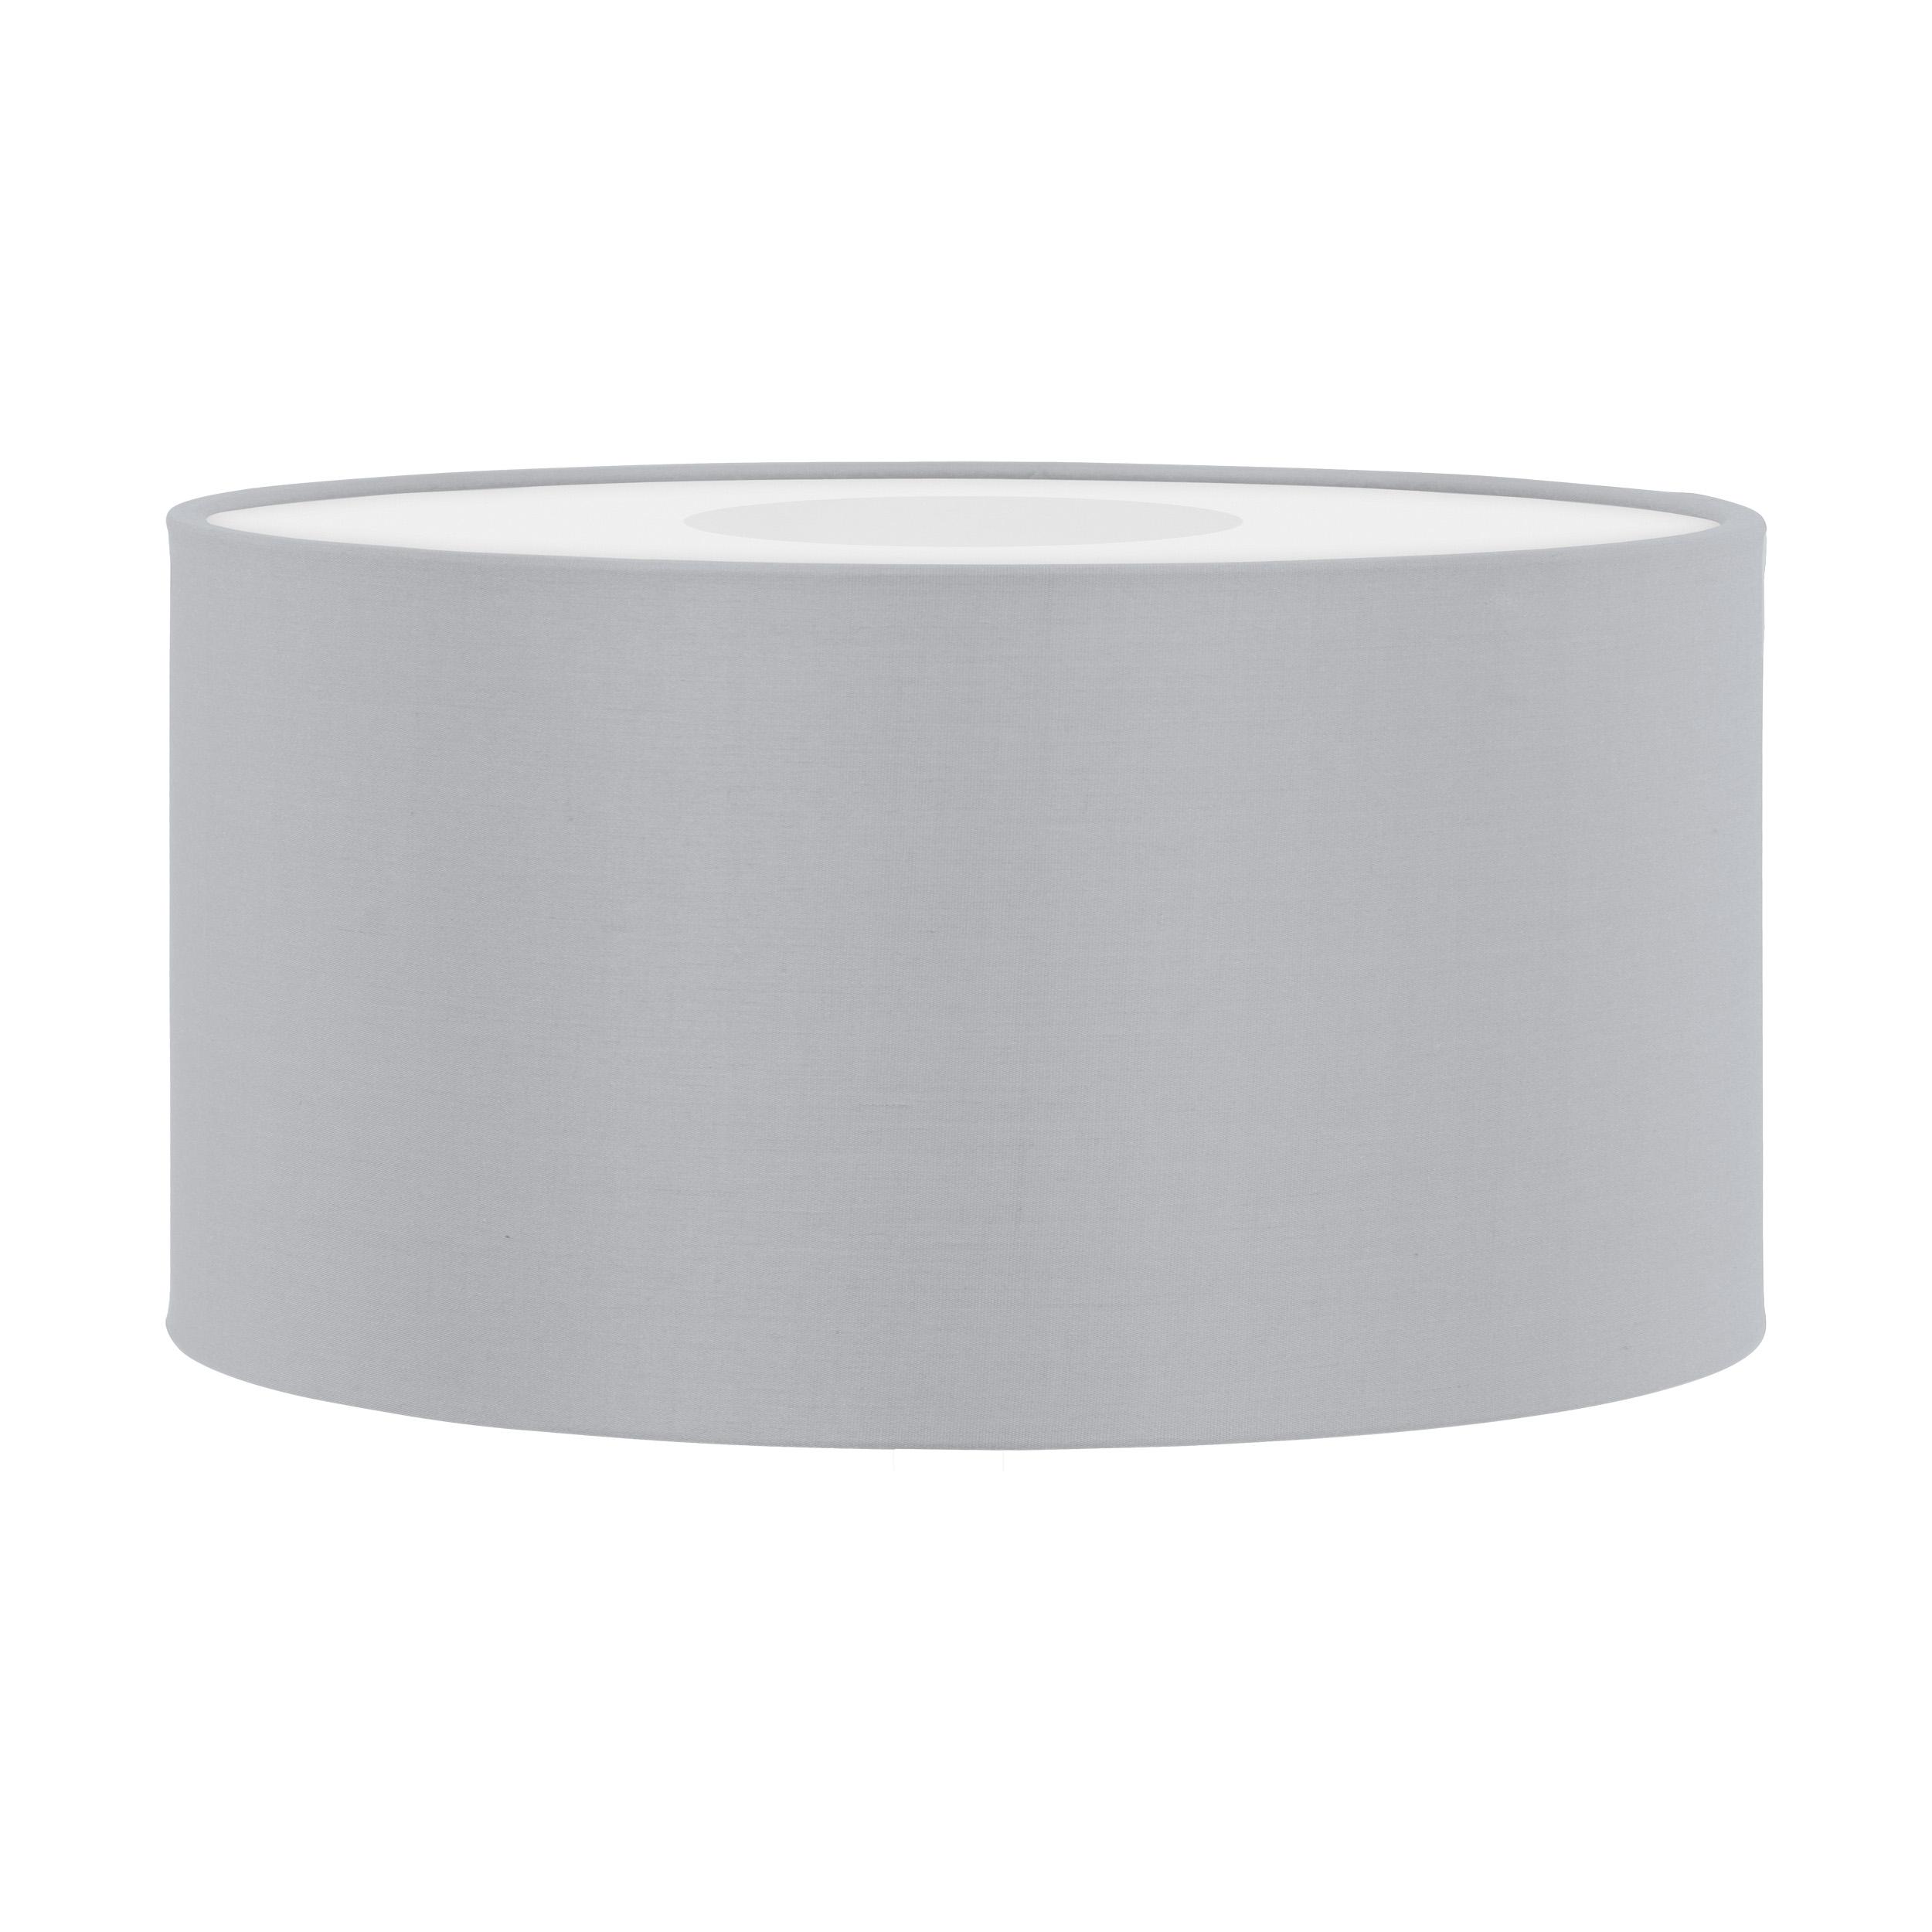 1 Stk Schirm Pasteri Pro inkl. Diffuser grau/weiß  LI62684---